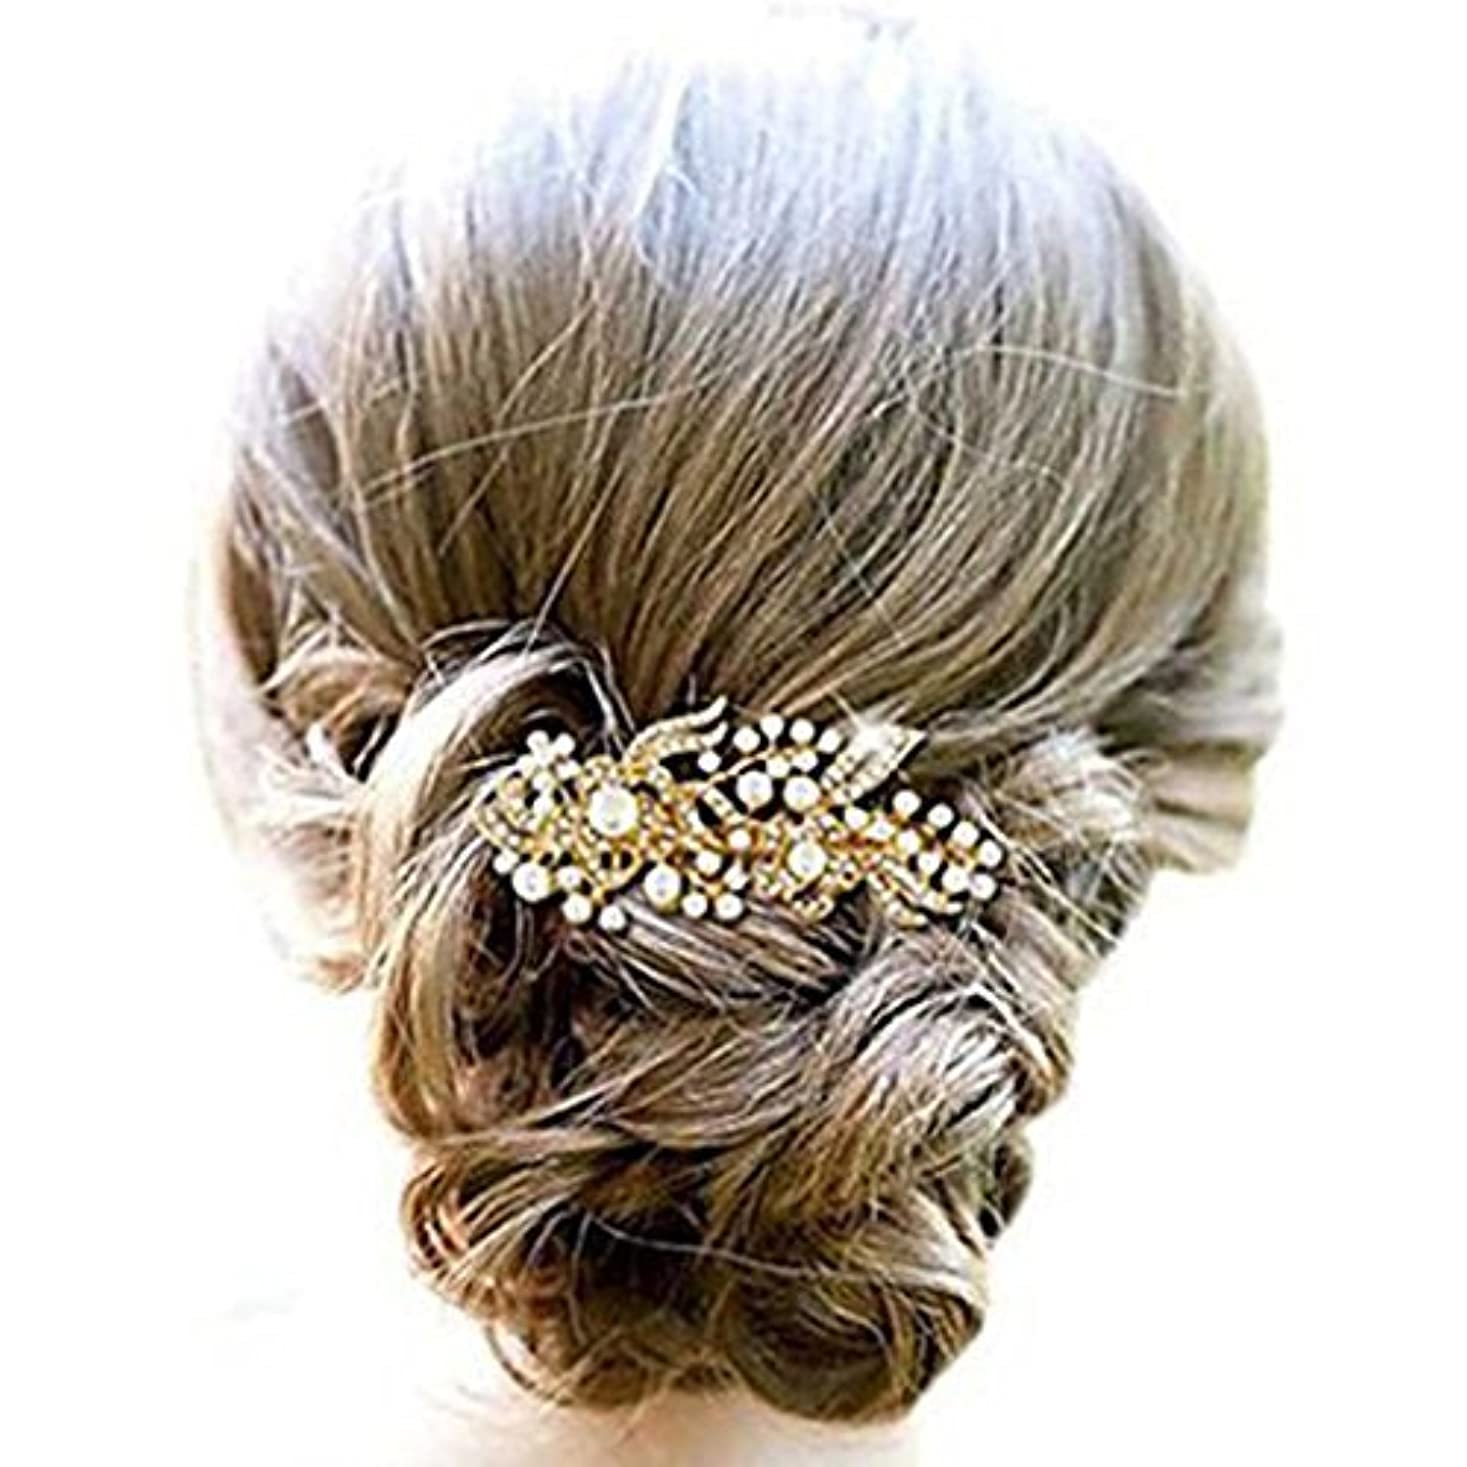 王子裁判所クールJovono Bride Wedding Comb Crystal Bridal Hair Accessory Pearl Headpieces for Women and Girls (Gold) [並行輸入品]